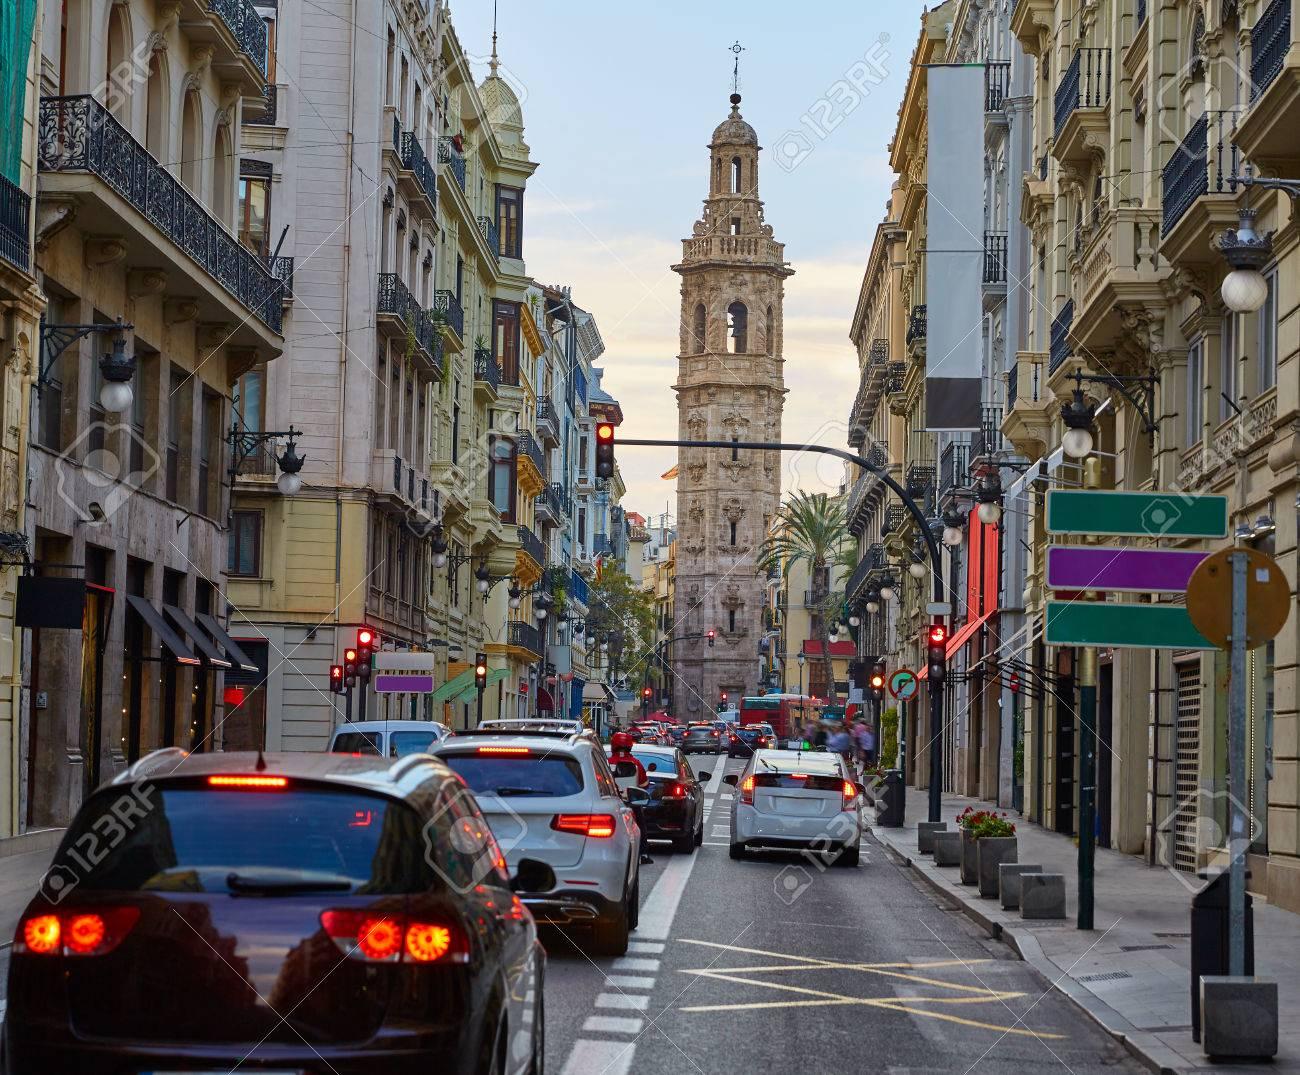 Calle De La Paz Straße Von Valencia In Spanien Lizenzfreie Fotos